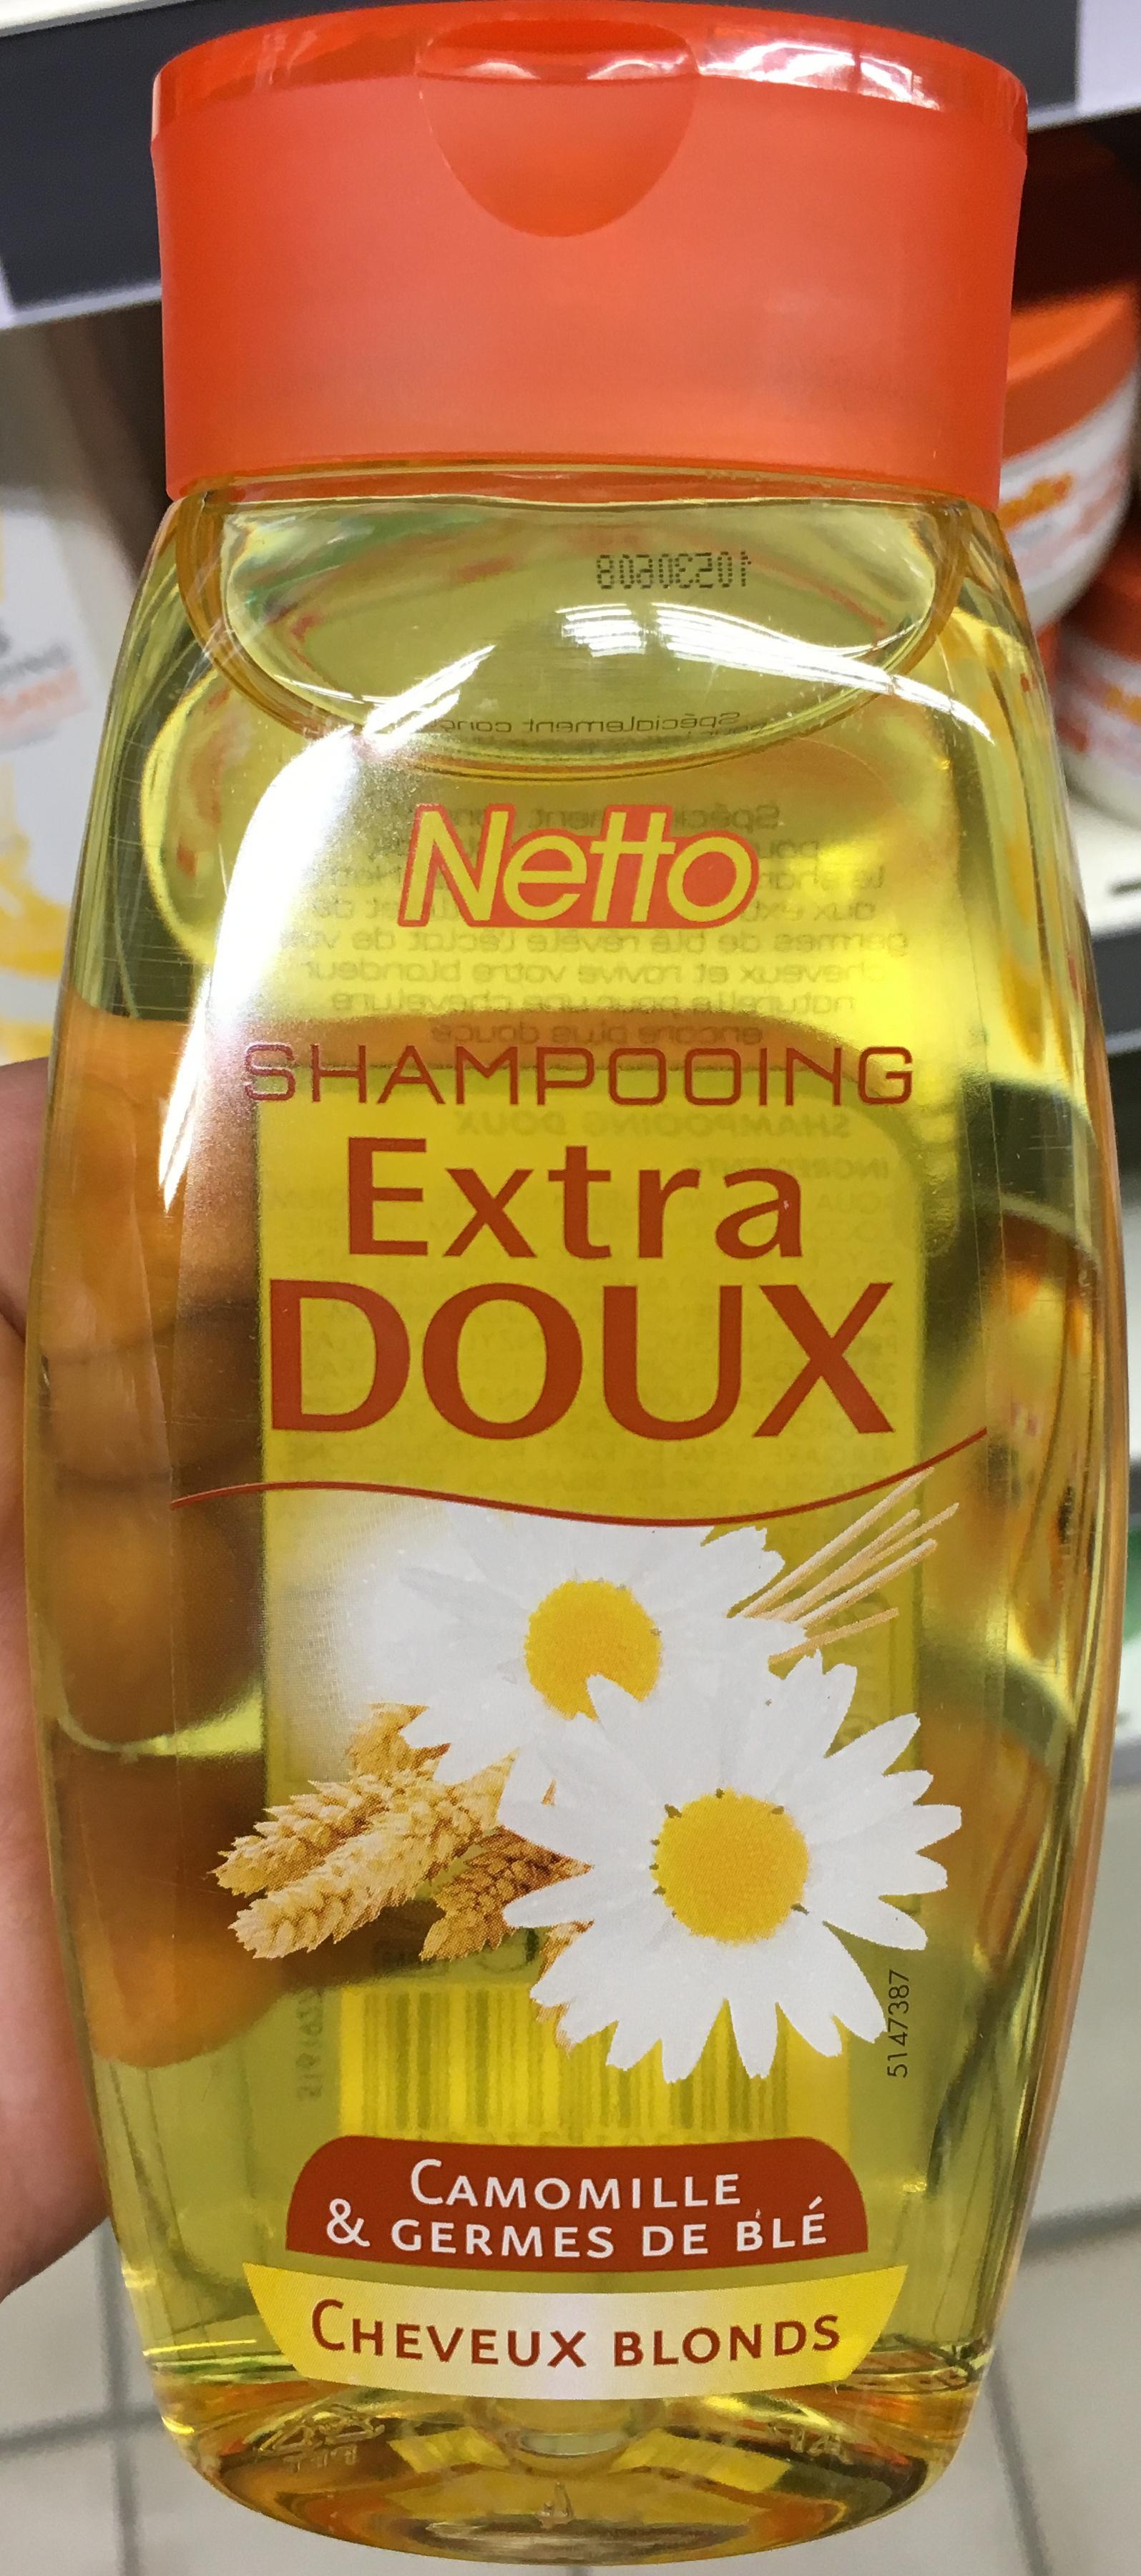 Shampooing extra doux Camomille & Germes de blé cheveux blonds - Product - fr